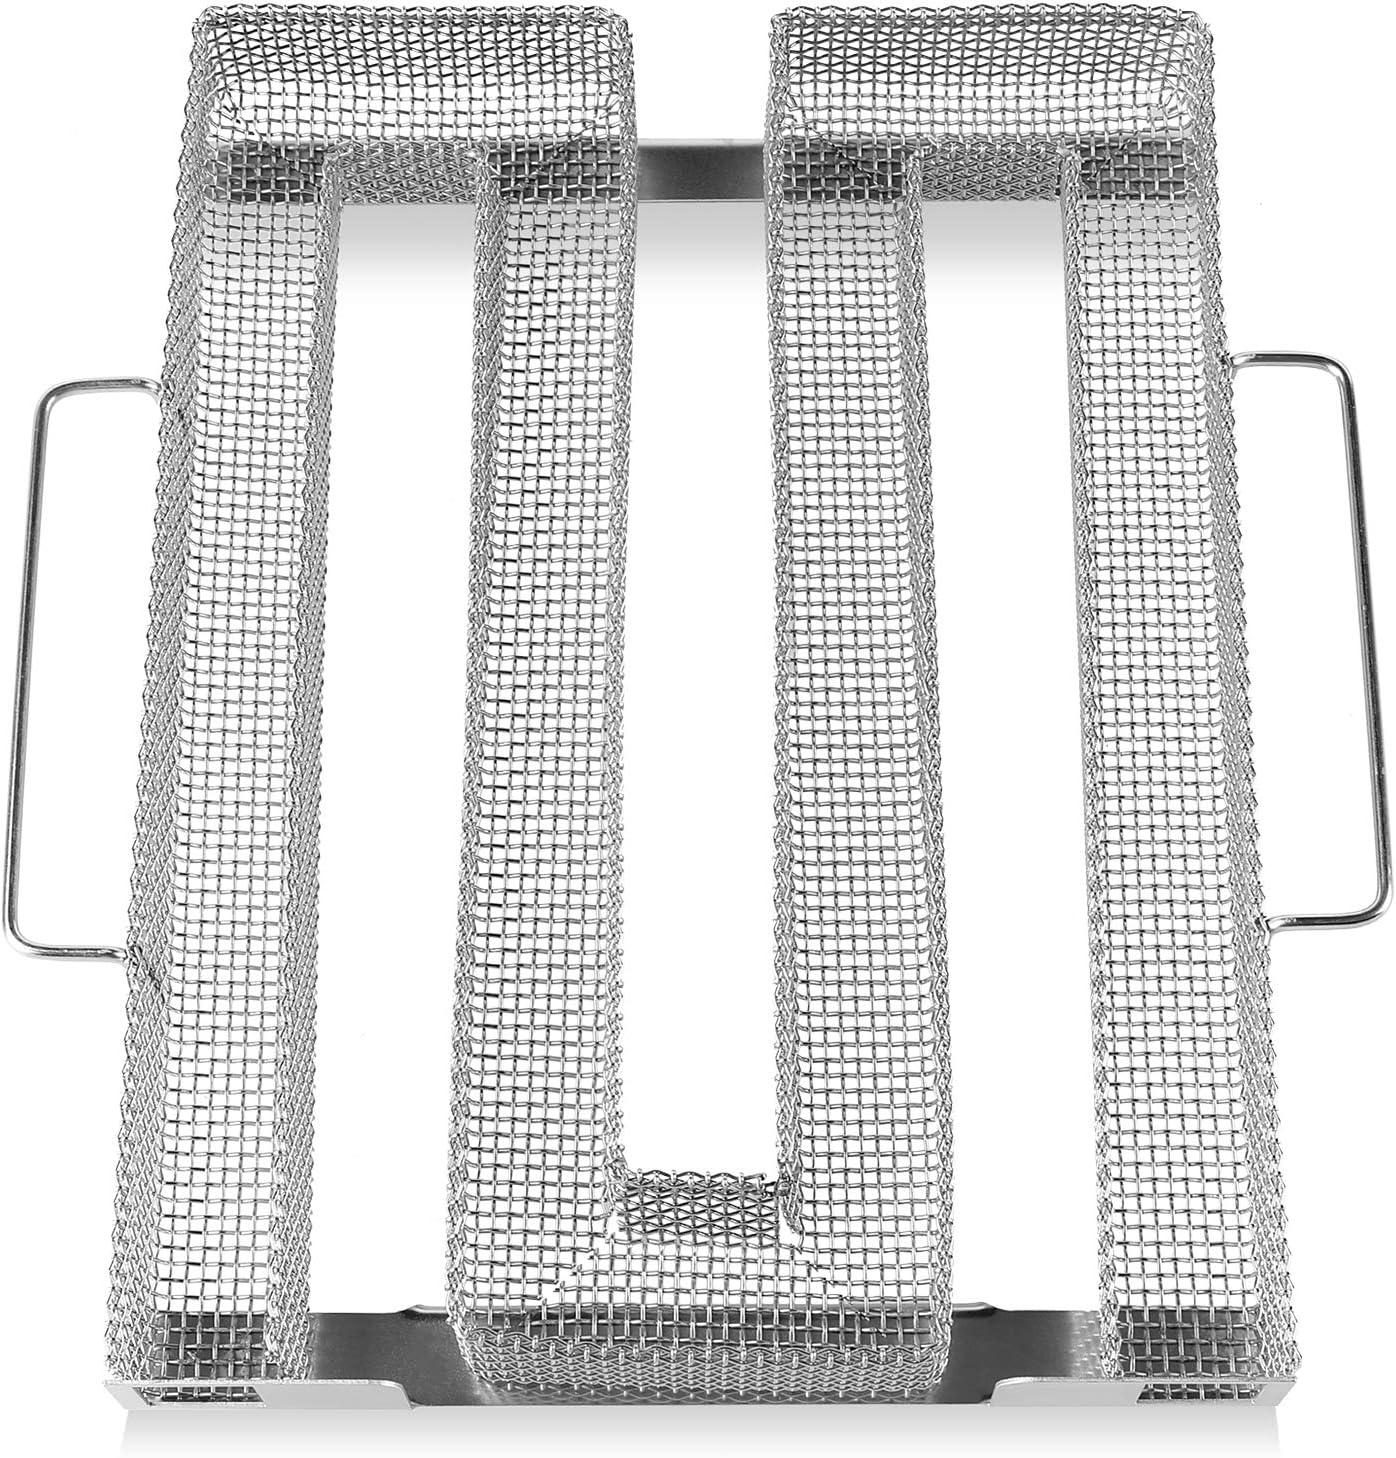 FIXKIT Generador de Humo Frío, Ahumador de Barbacoa Portátil de Acero Inoxidable, Tipo M, para Pescado, Carne y Verduras Ahumadas